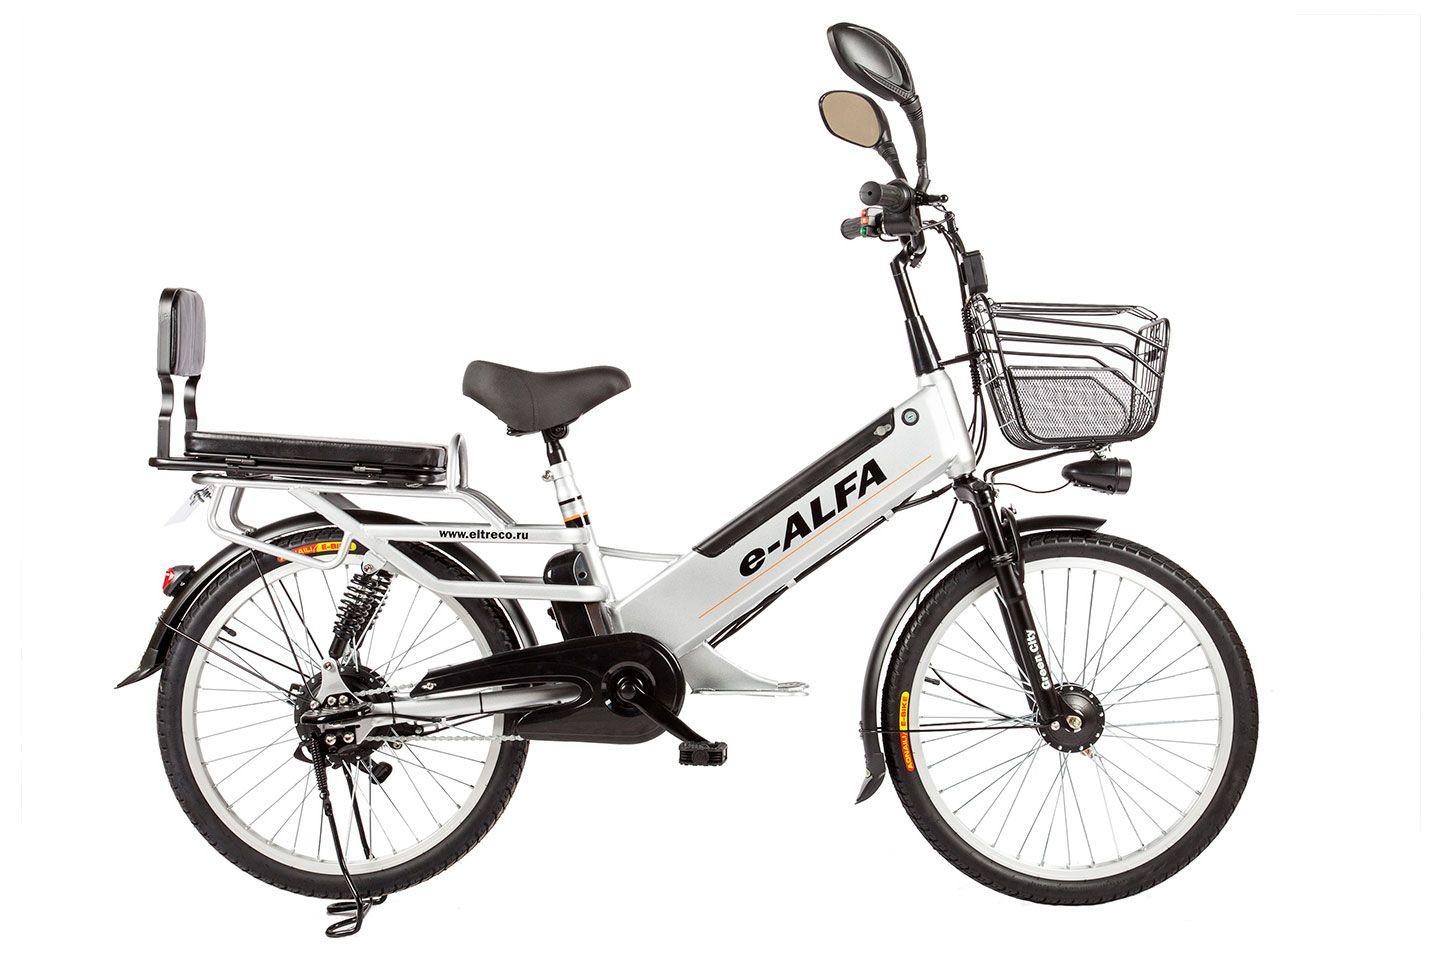 Велосипед Eltreco e-Alfa GL 2018 велосипед eltreco jazz 350w 2016